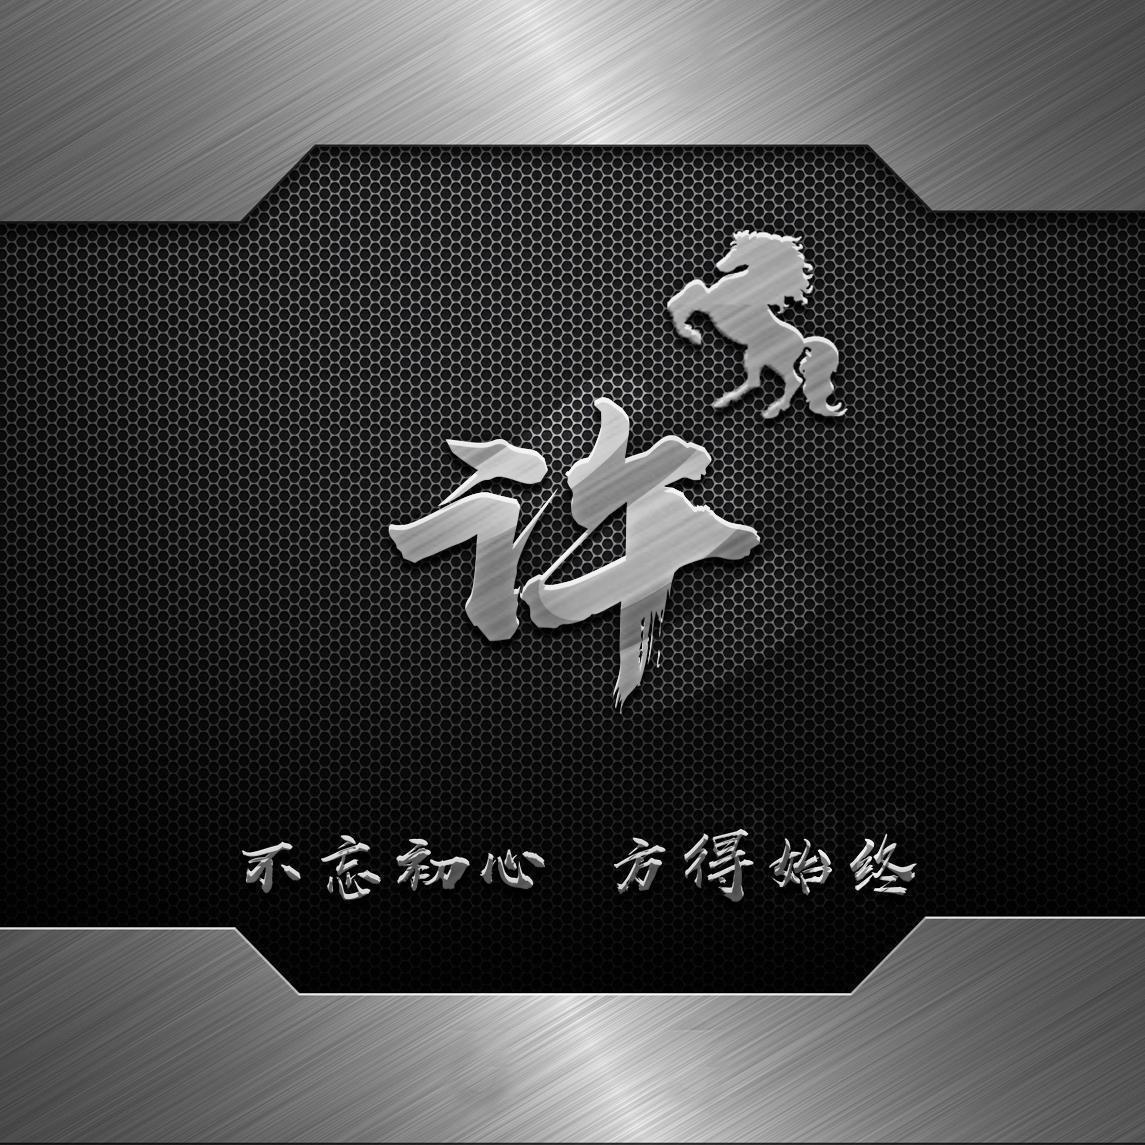 2019最火的3d立体姓氏微信头像,45张高端大气签名头像